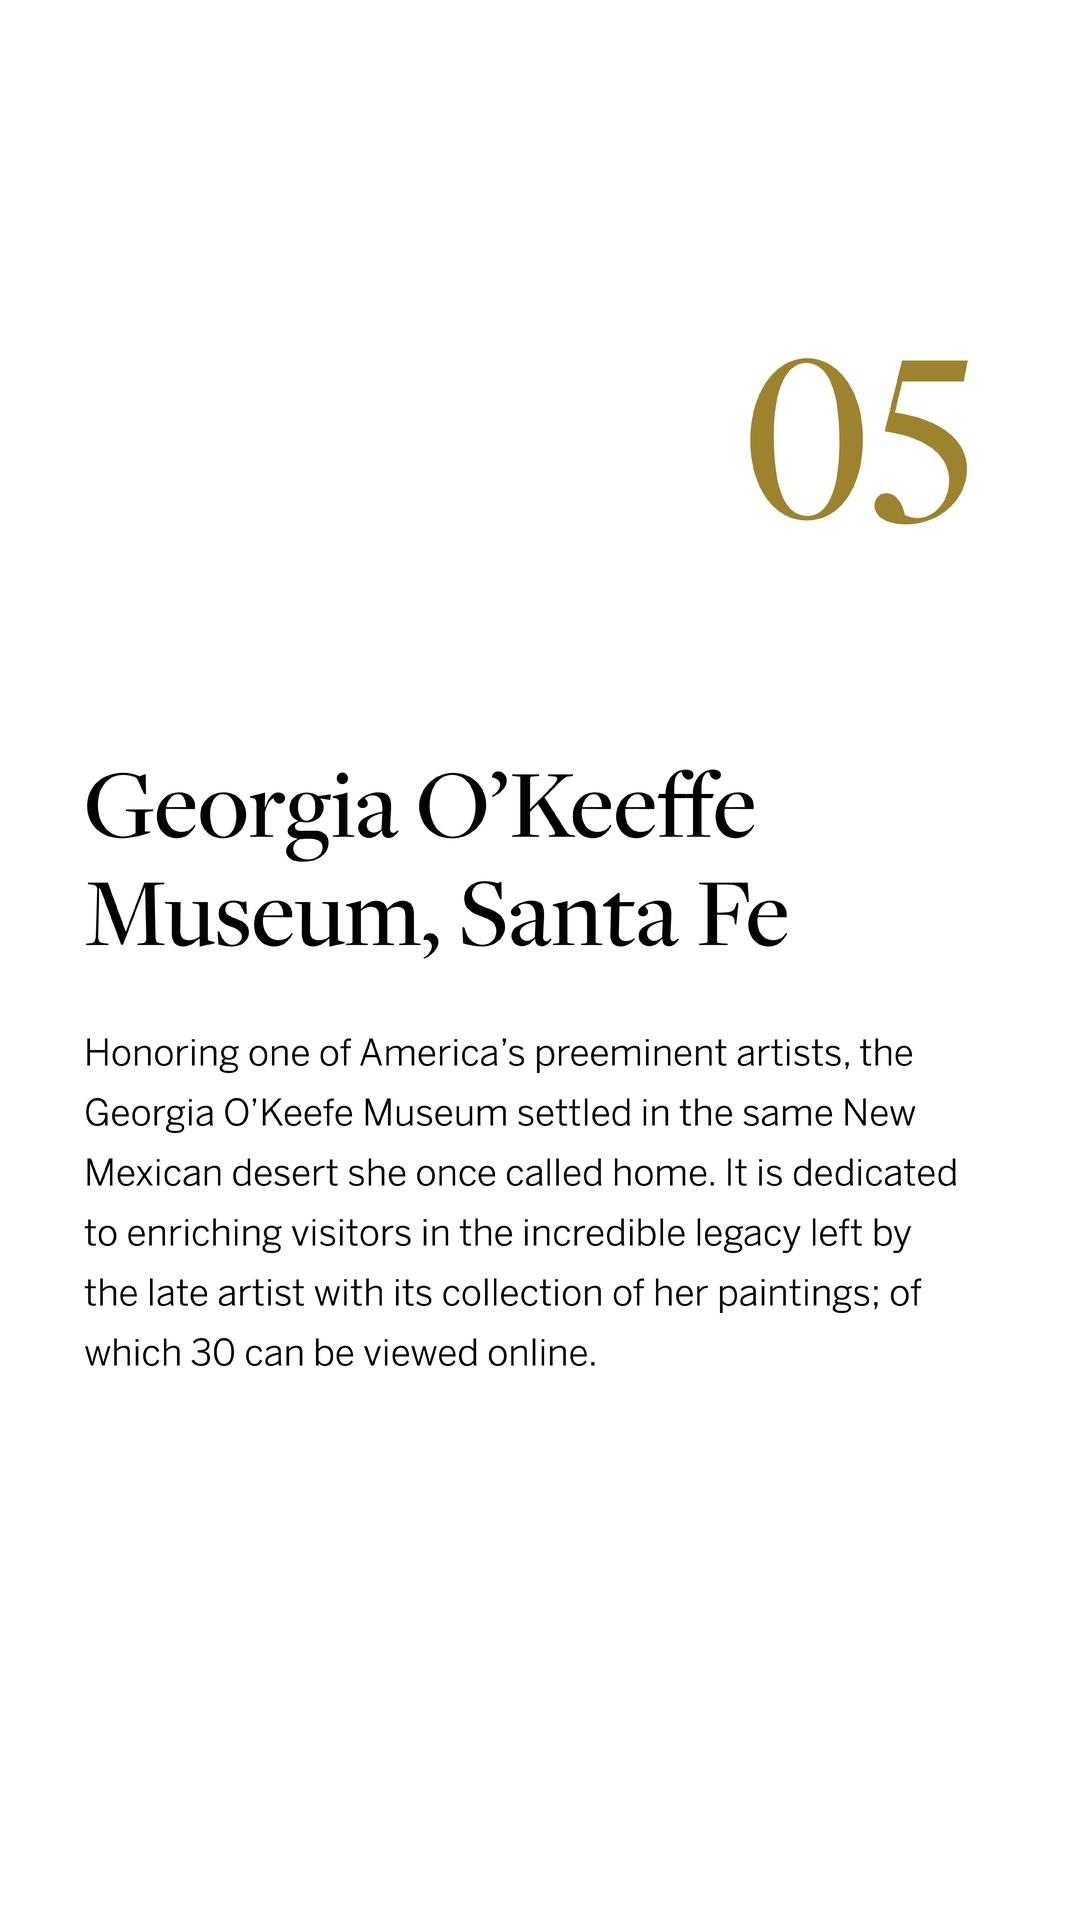 Georgia O'Keeffee Museum, Santa Fe